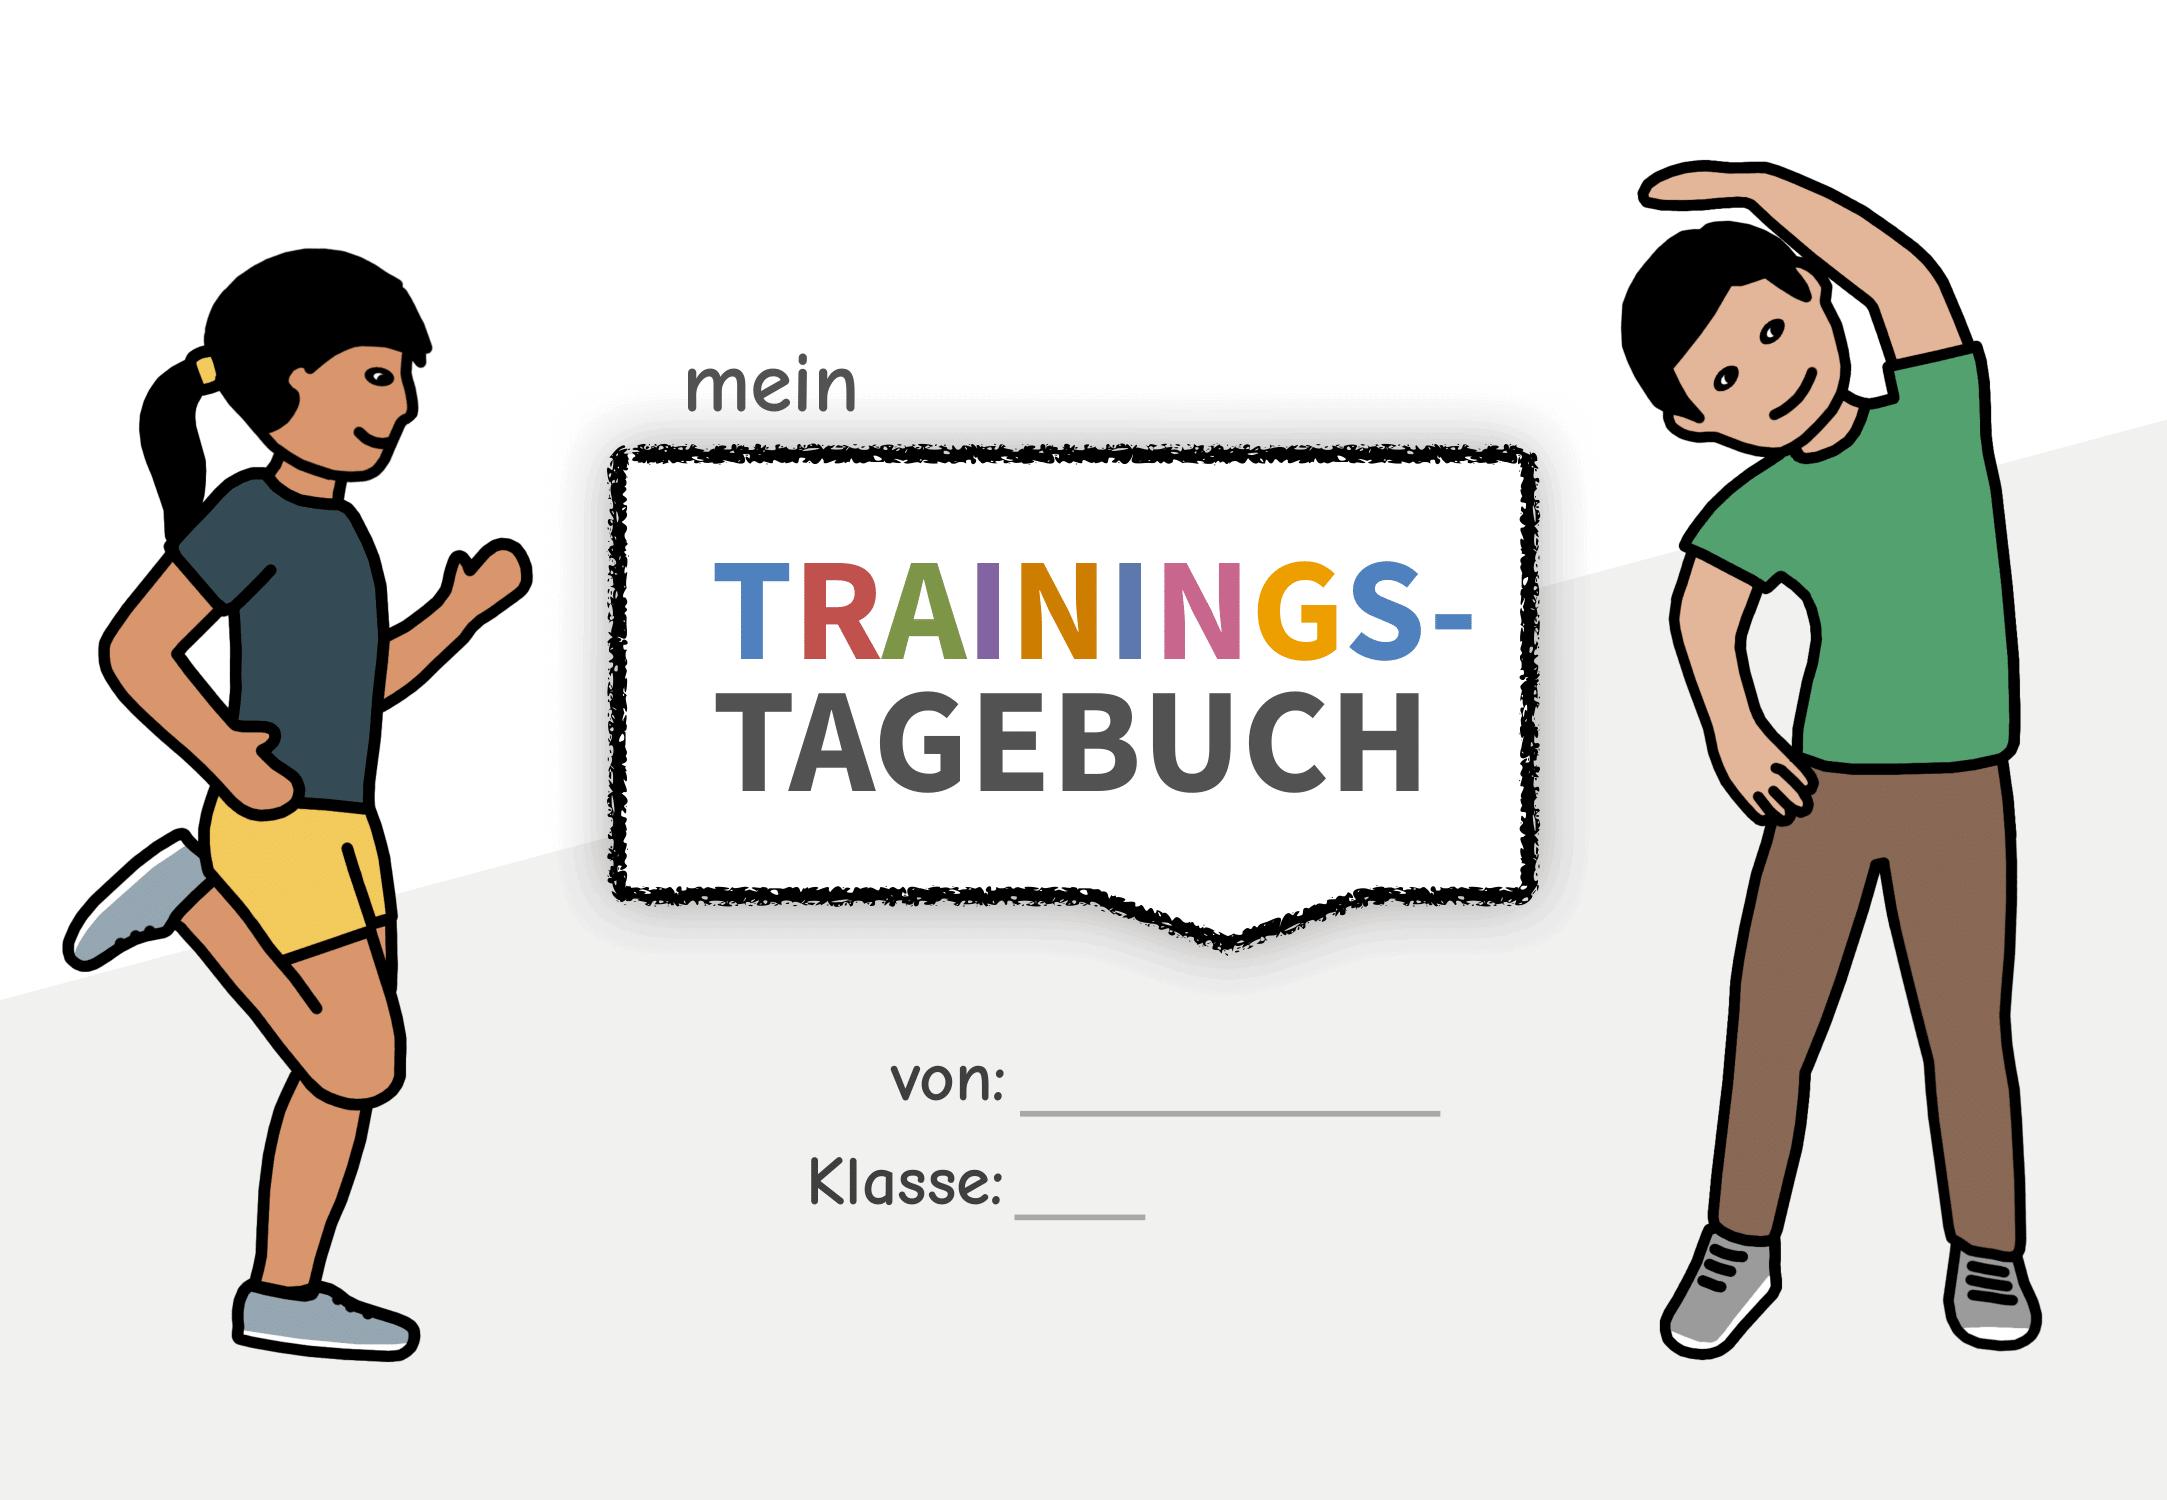 Deckblatt - Trainingstagebuch für Kinder